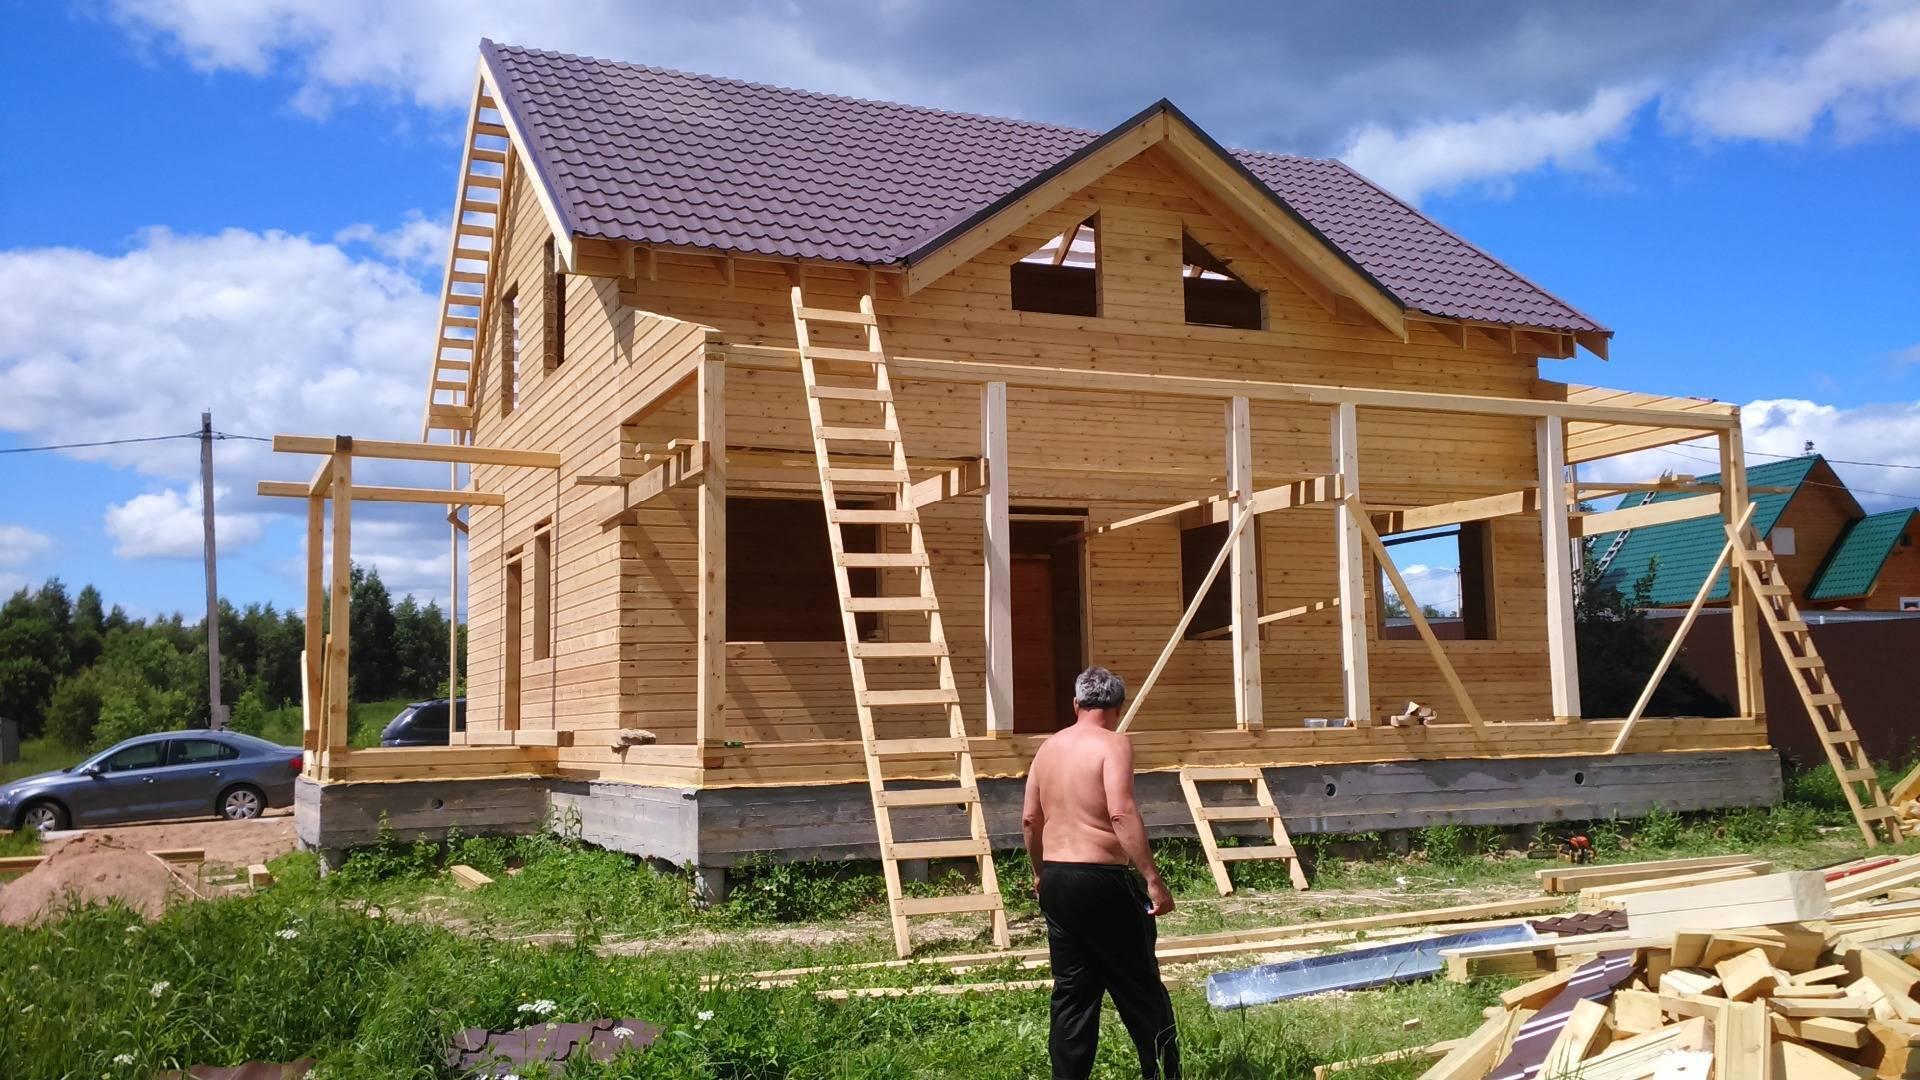 Дома из бревна, как построить качественное и теплое жилище, технология сборки бревенчатого сруба